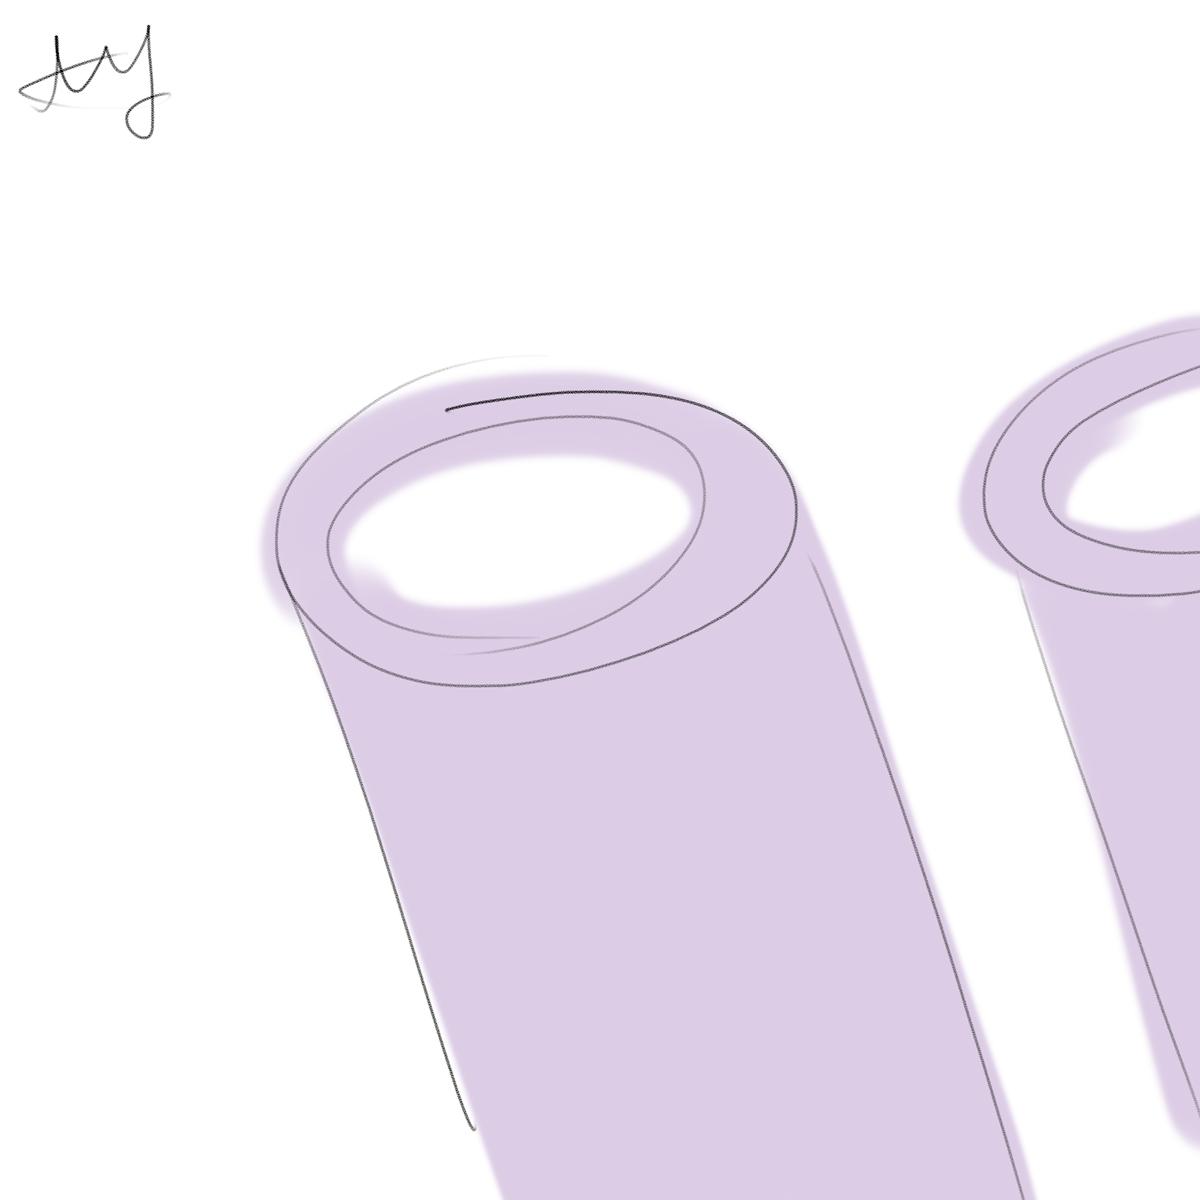 f:id:tsuyu-kusa:20210124221758j:plain